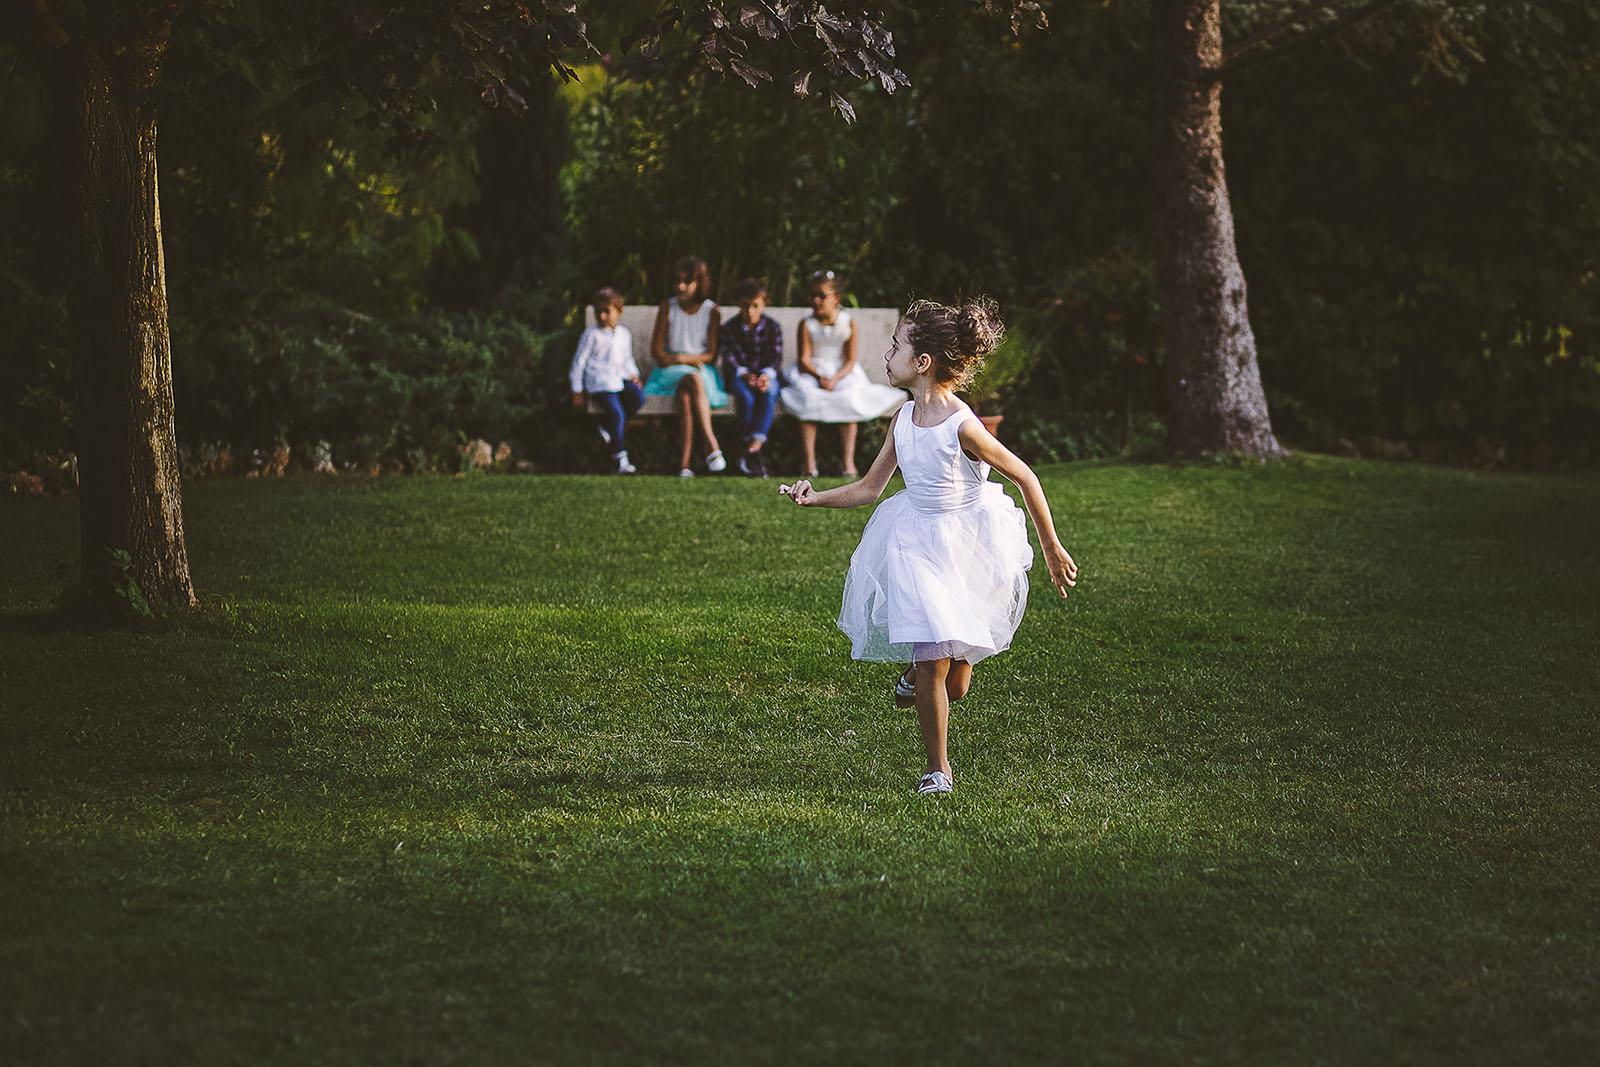 Mariage Villa Quélude David Pommier photographe de mariage. Les enfants qui jouent